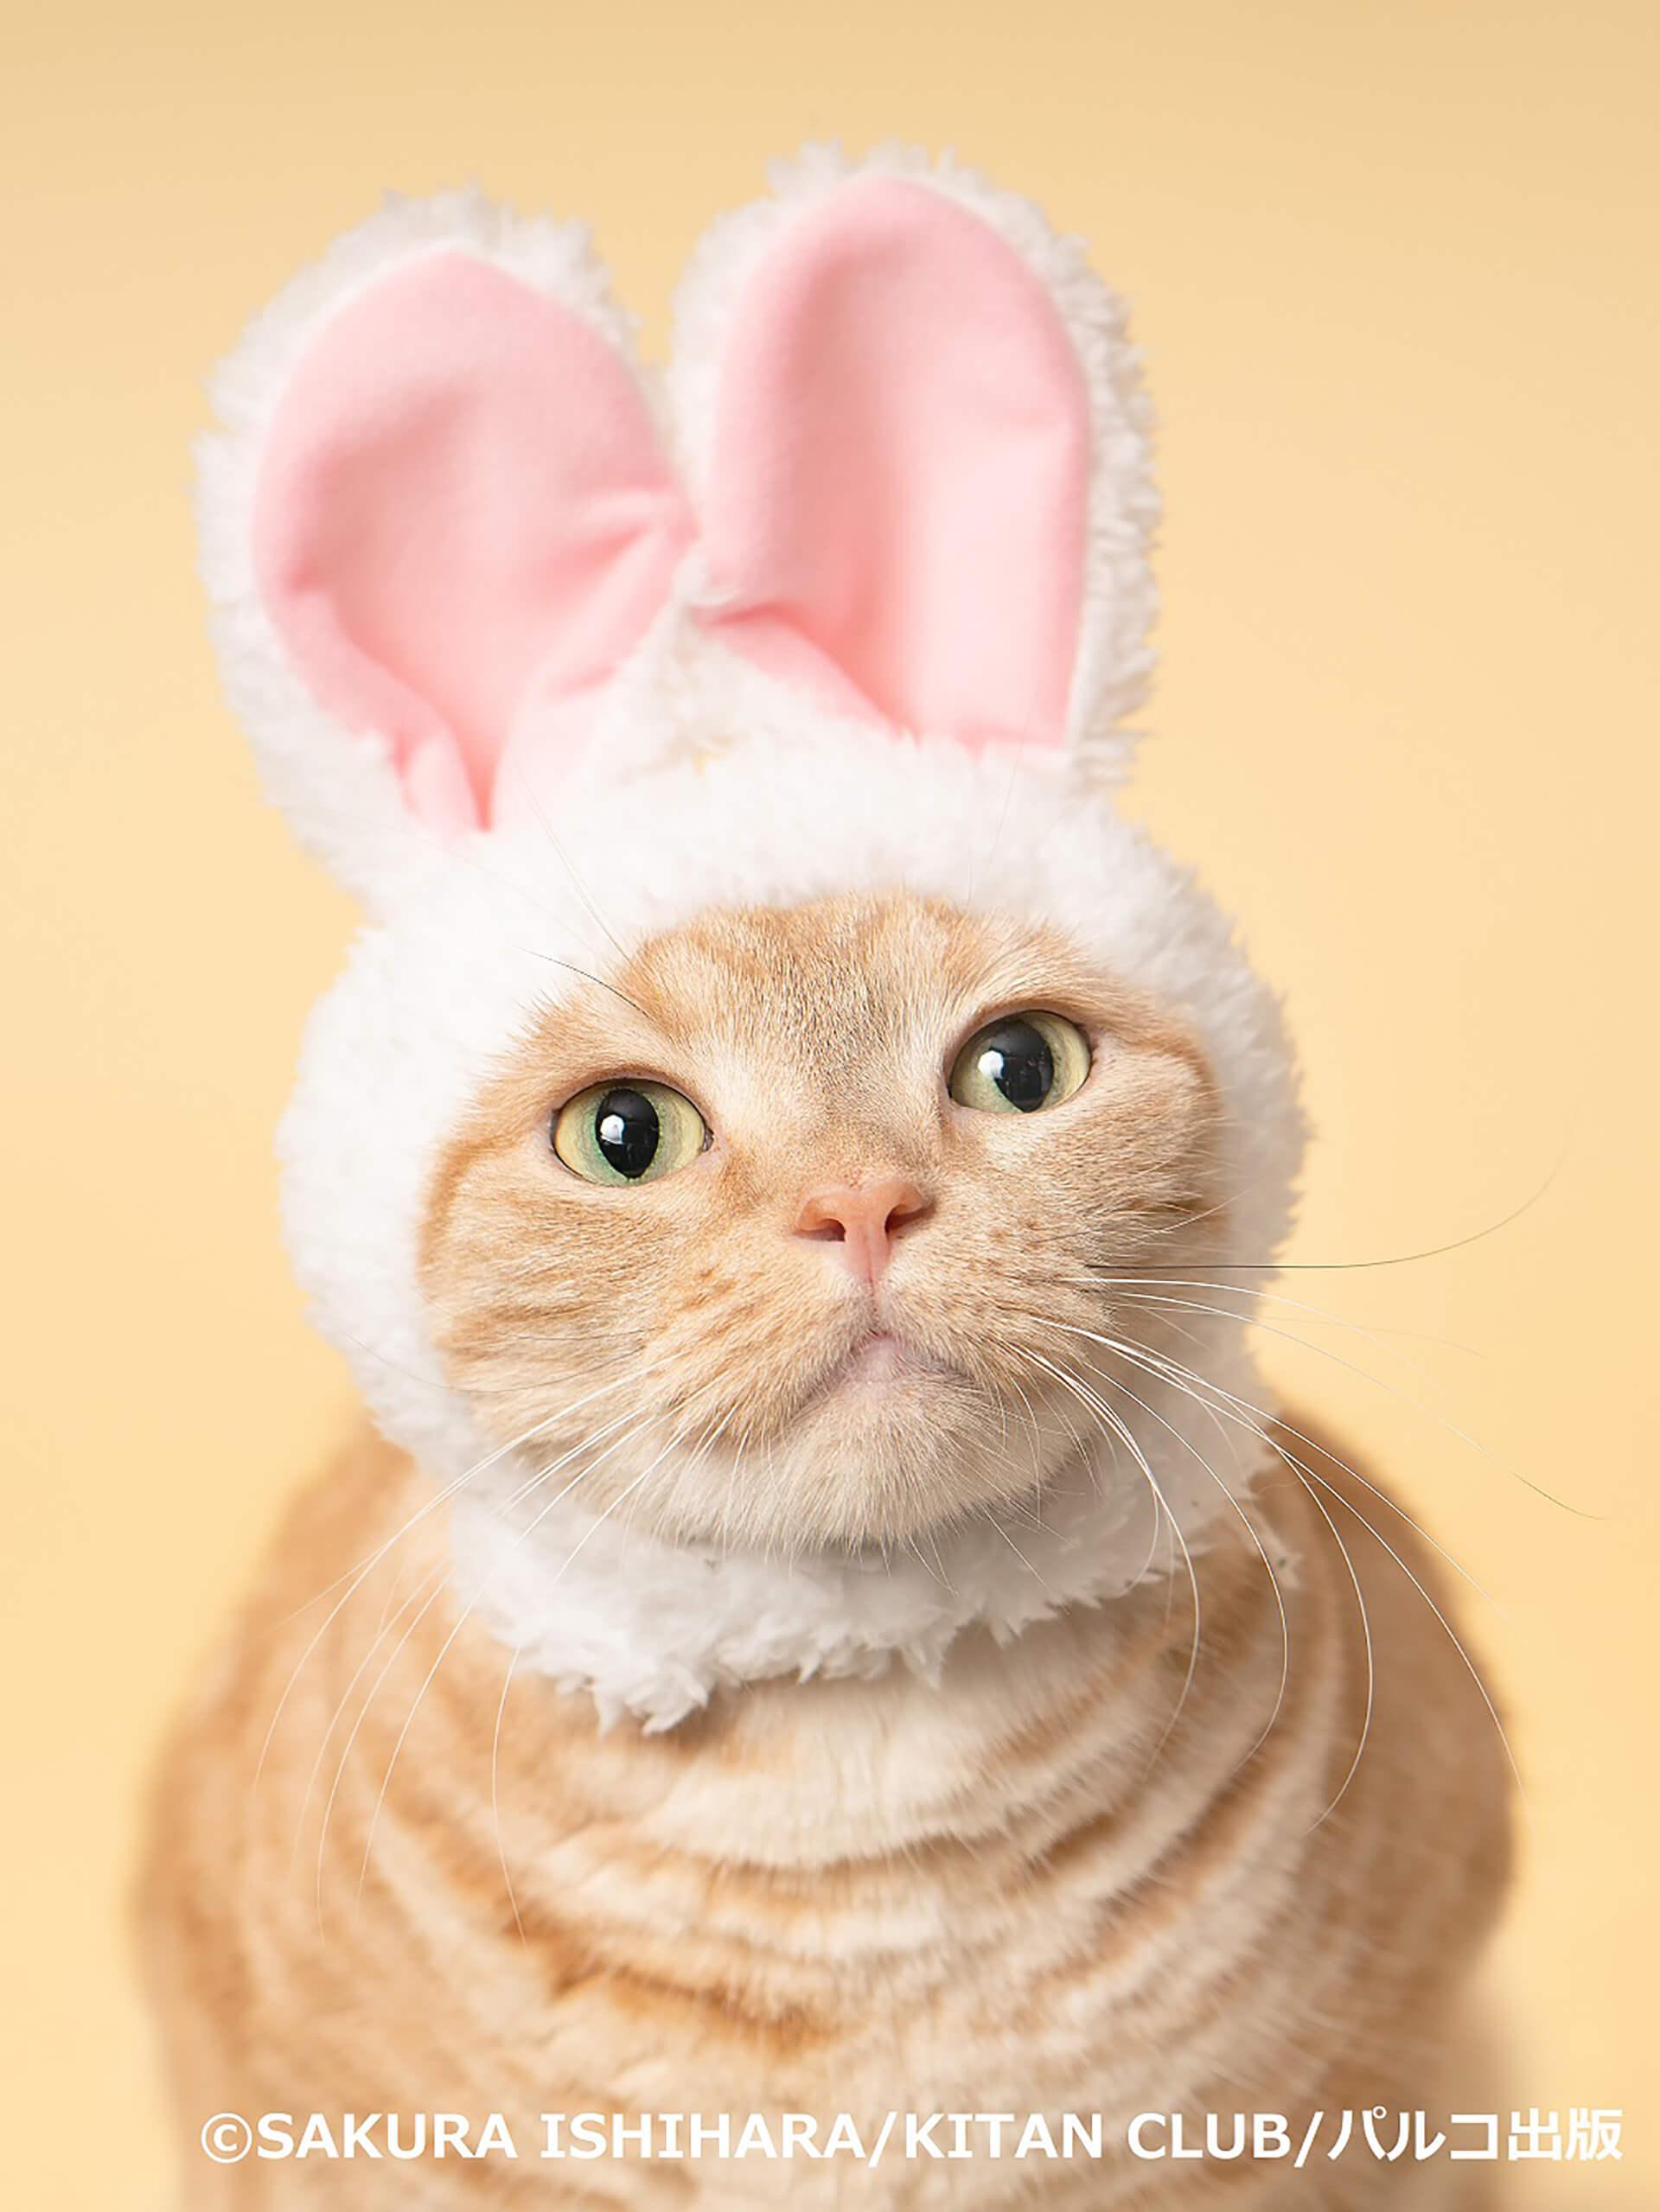 この写真はねこがかわいいだけ展の出展写真・猫がウサギの帽子かぶってます